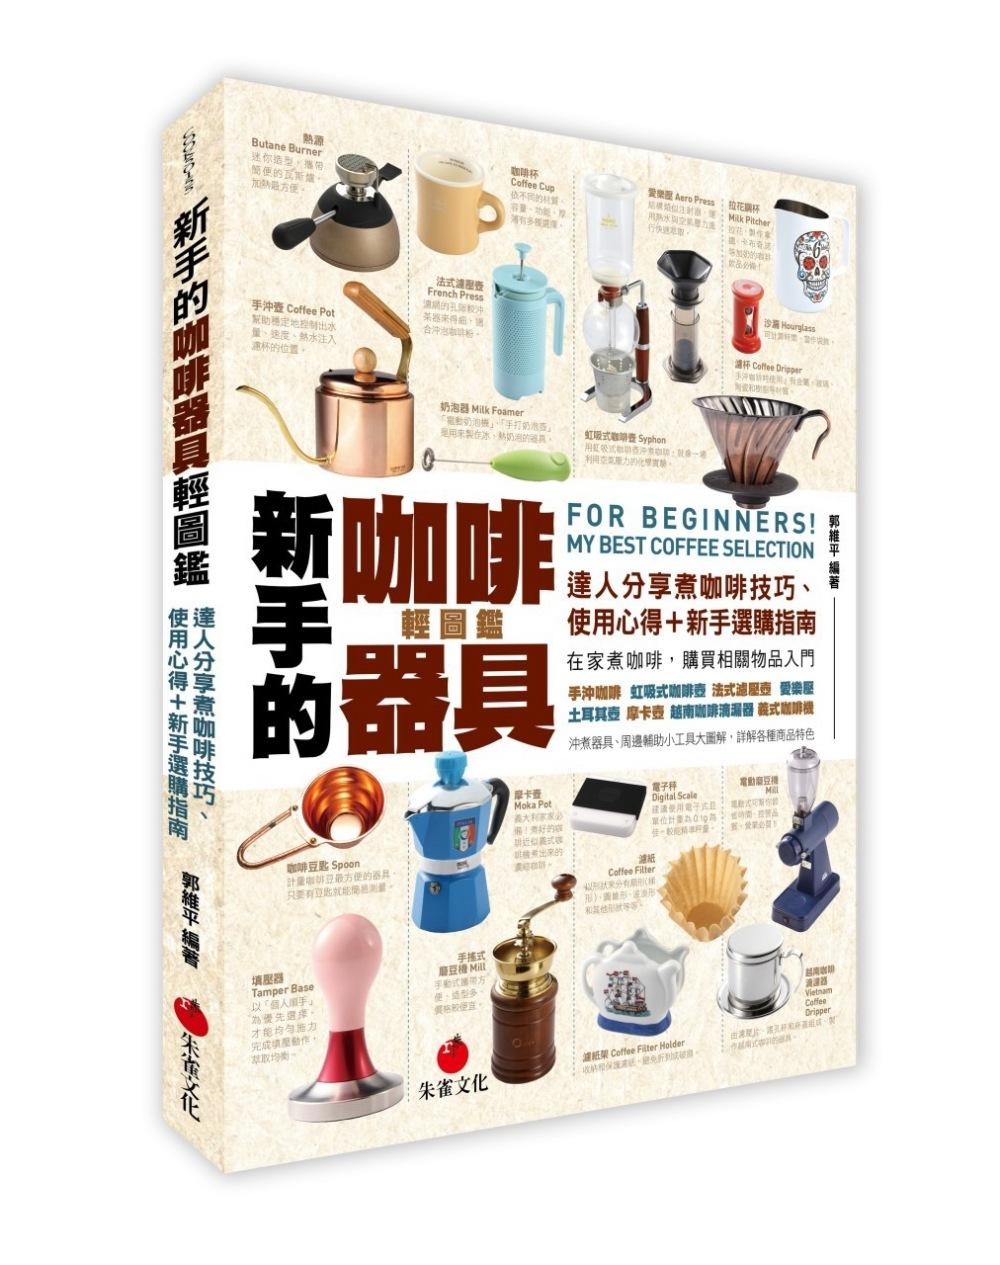 ◤博客來BOOKS◢ 暢銷書榜《推薦》新手的咖啡器具輕圖鑑:達人分享煮咖啡技巧、使用心得+新手選購指南